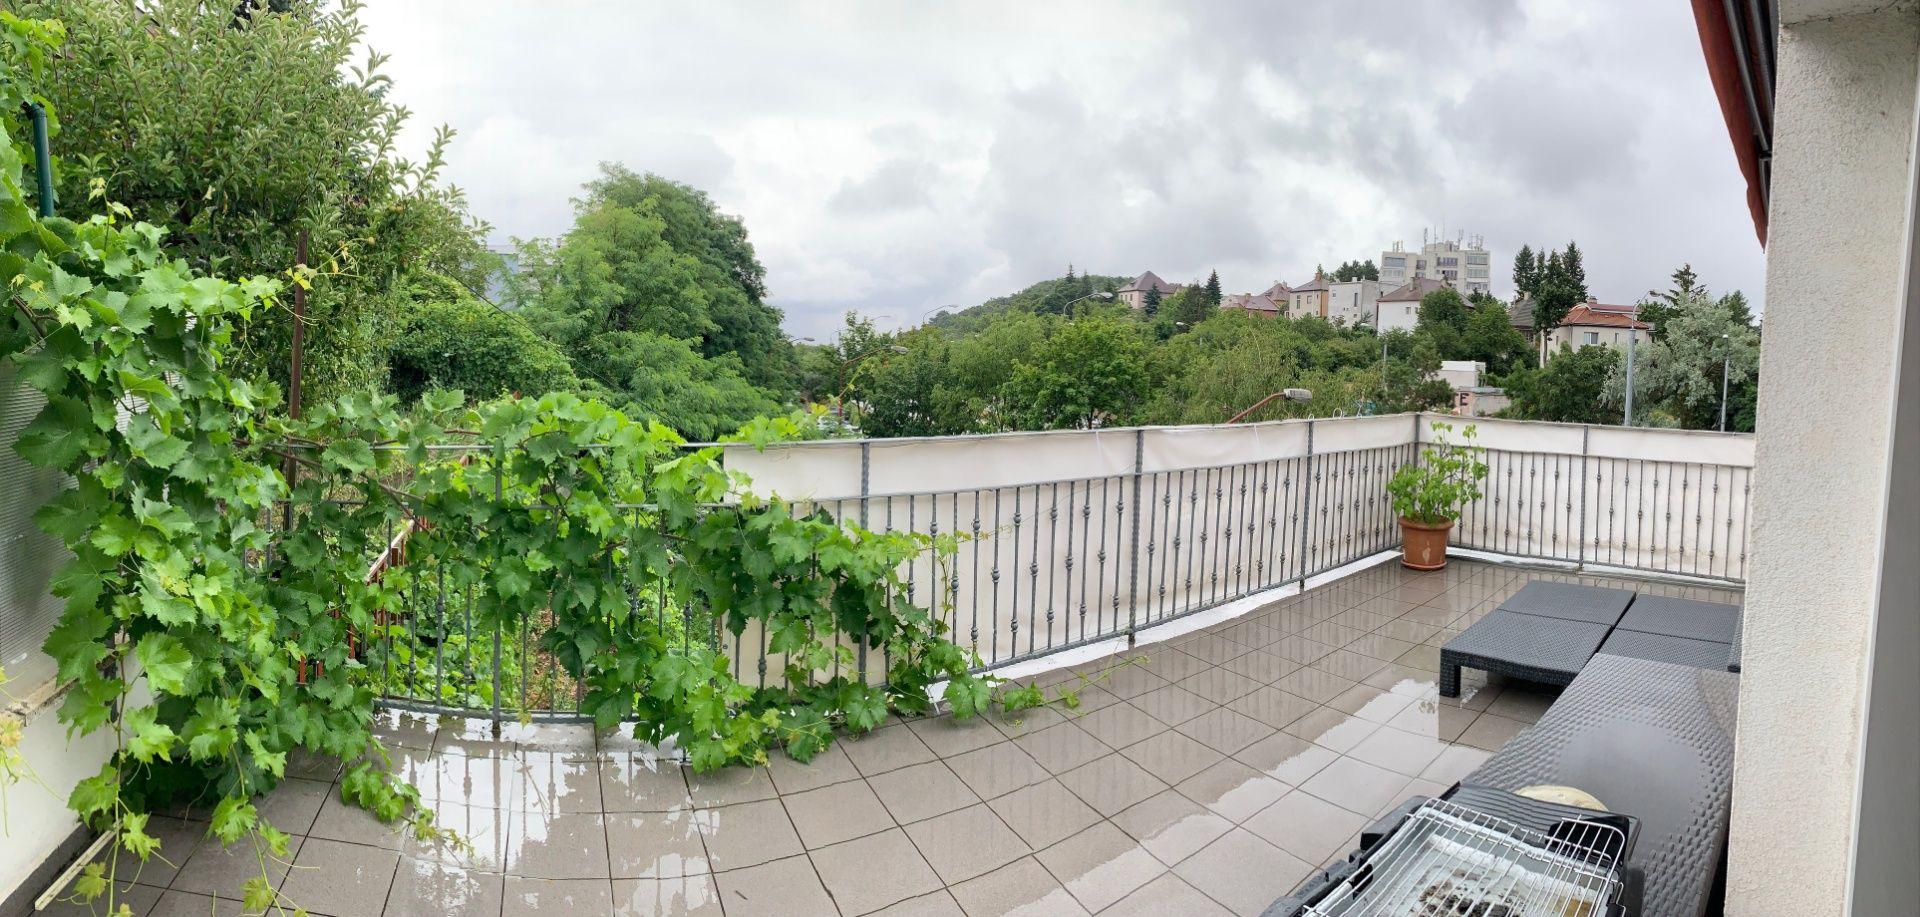 Slnečný 2-izbový byt s krásnou terasou na Pražskej ulici v atraktívnej lokalite Starého mesta